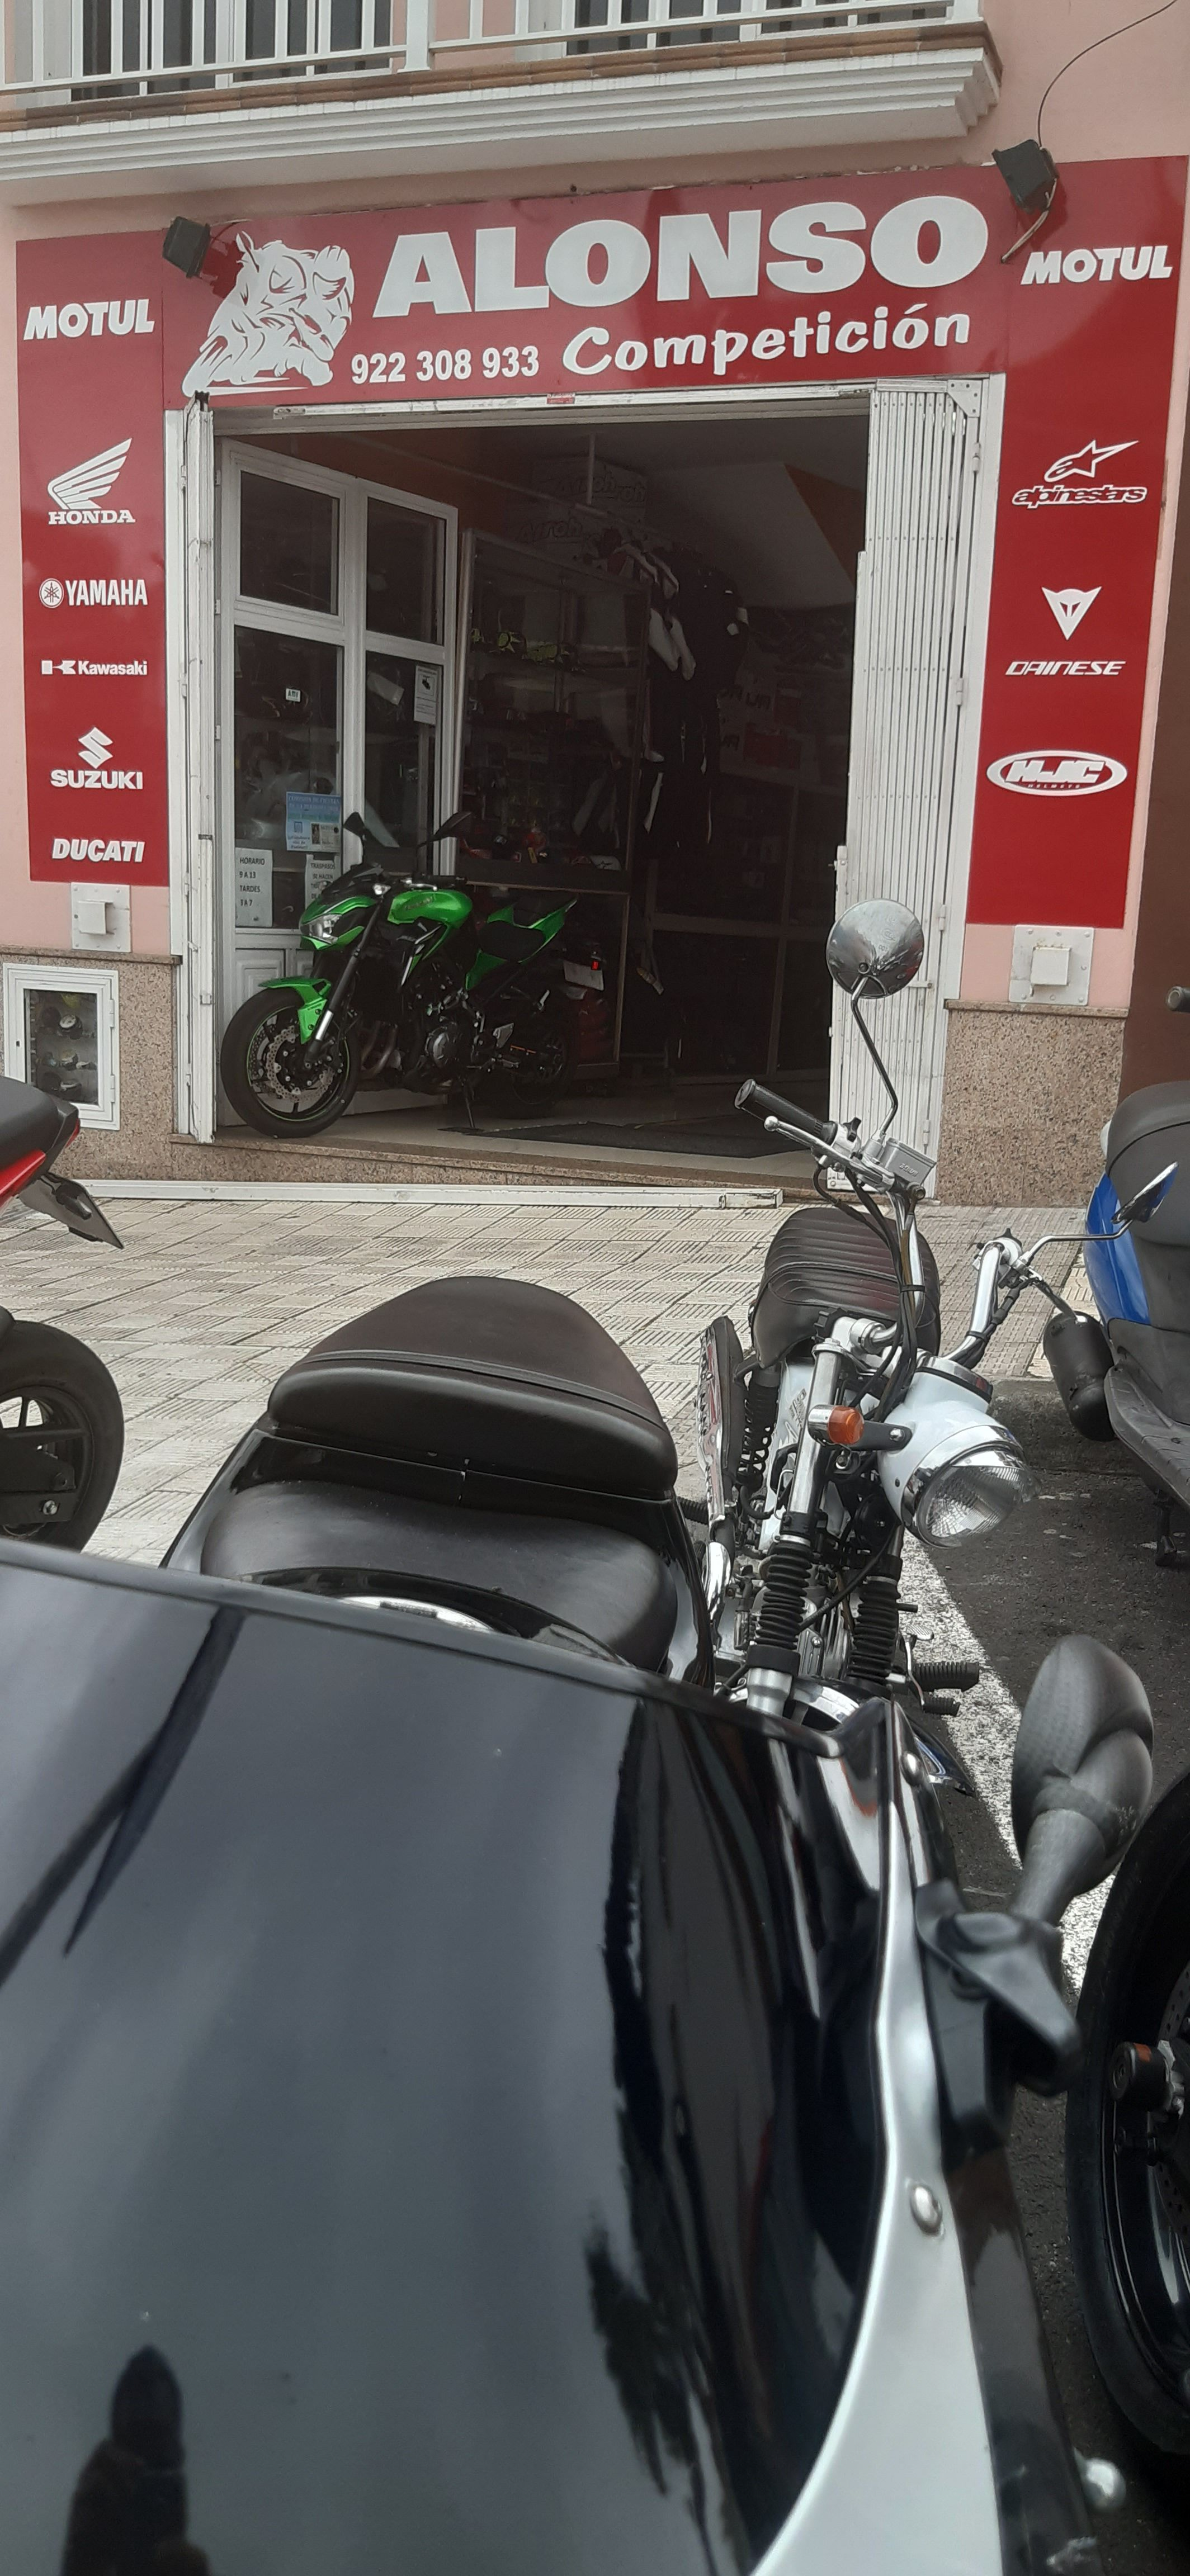 Foto 19 de Motos en La Orotava | Alonso Competición